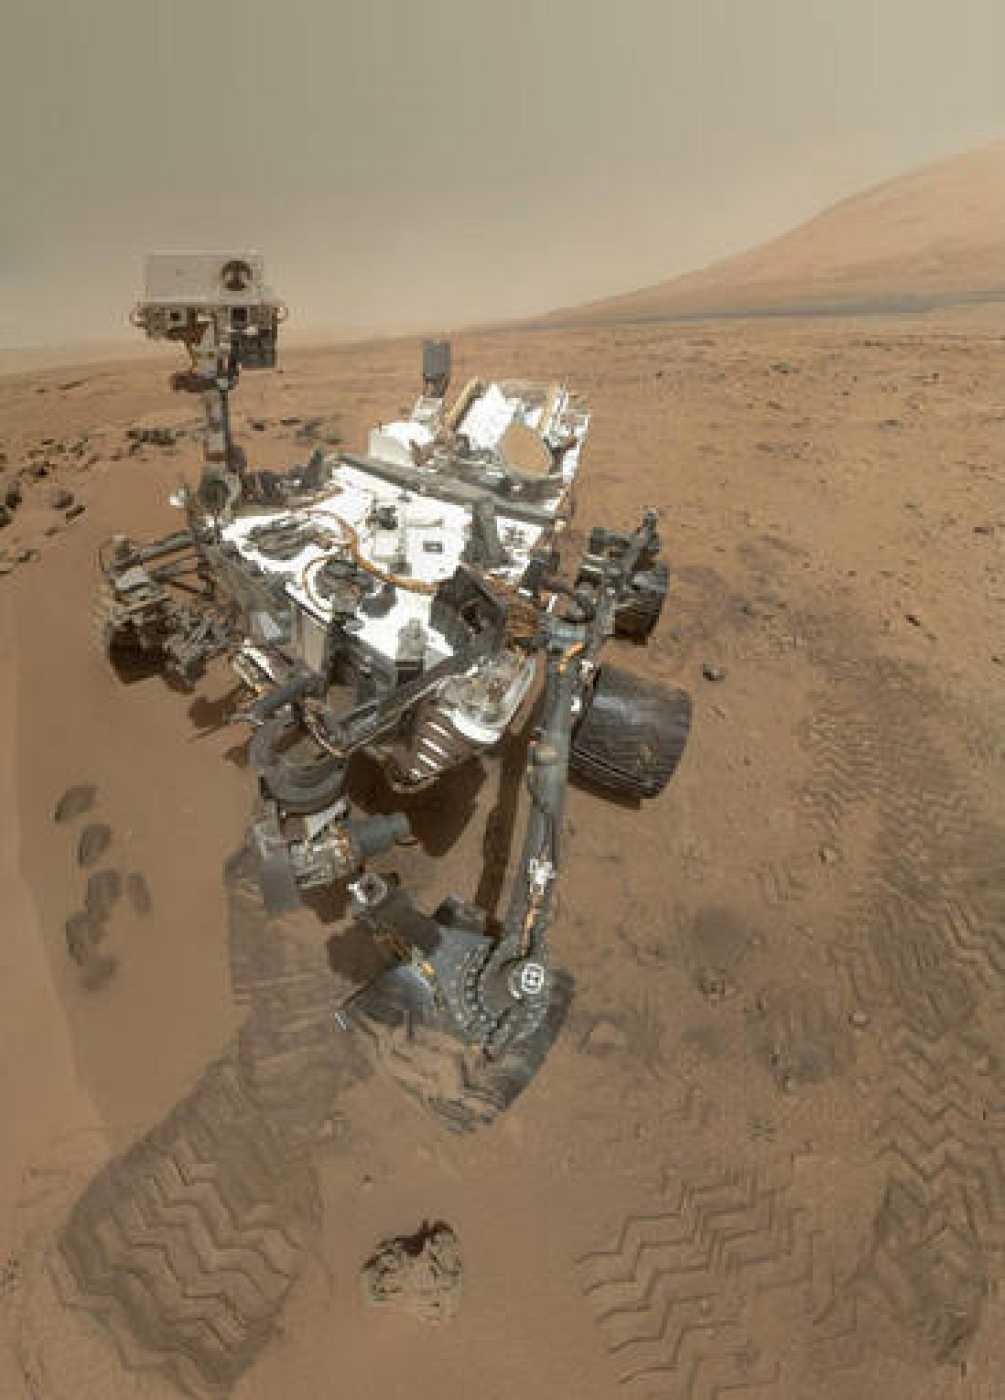 """""""Autorretrato"""" de Curiosity sobre la superficie de Marte."""